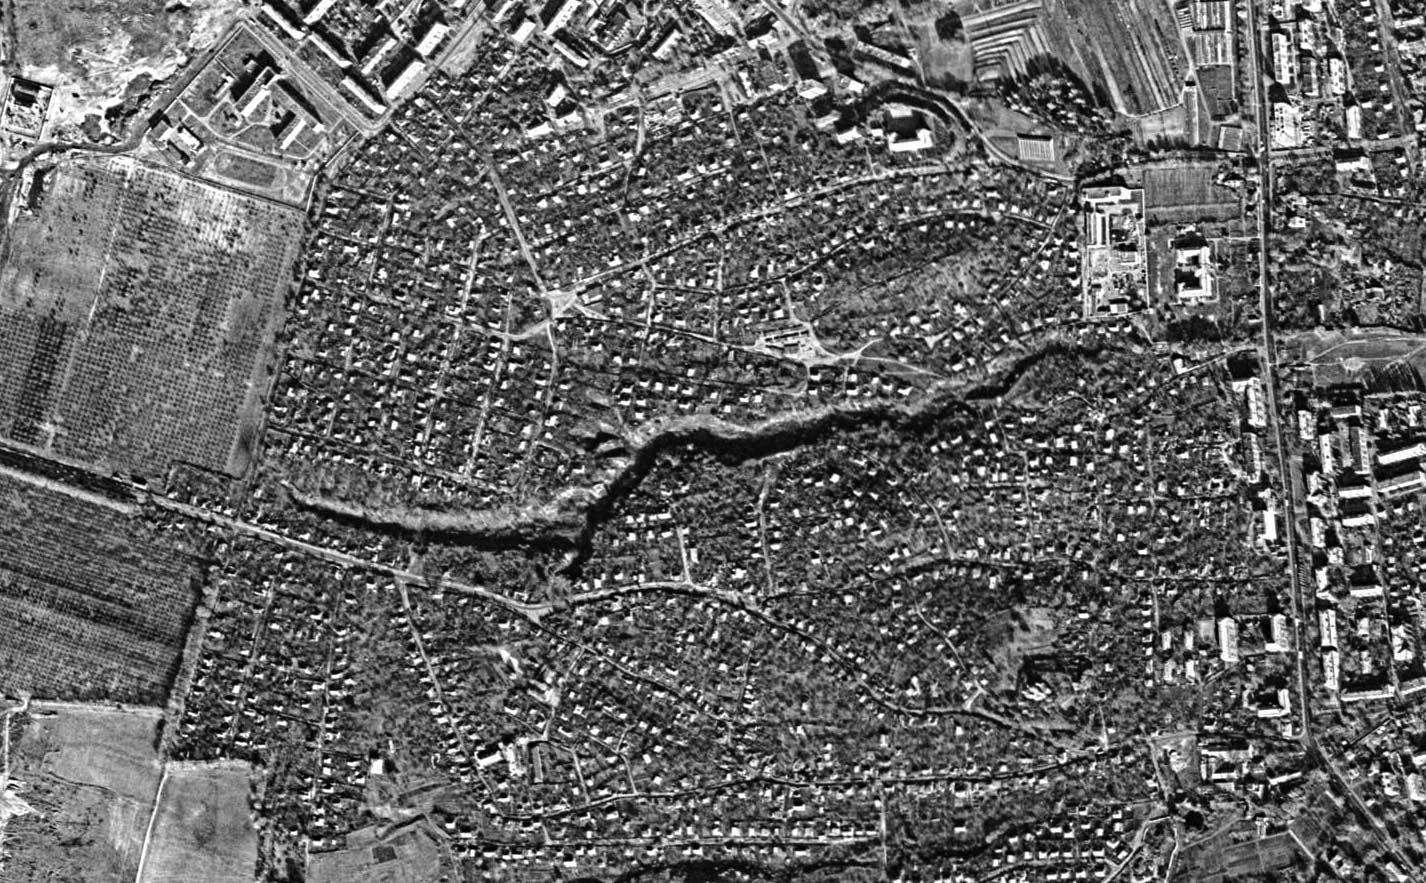 priorka 1972 - <b>Заради масового житла в Києві знищили десятки поселень.</b> Розповідаємо, як це було - Заборона